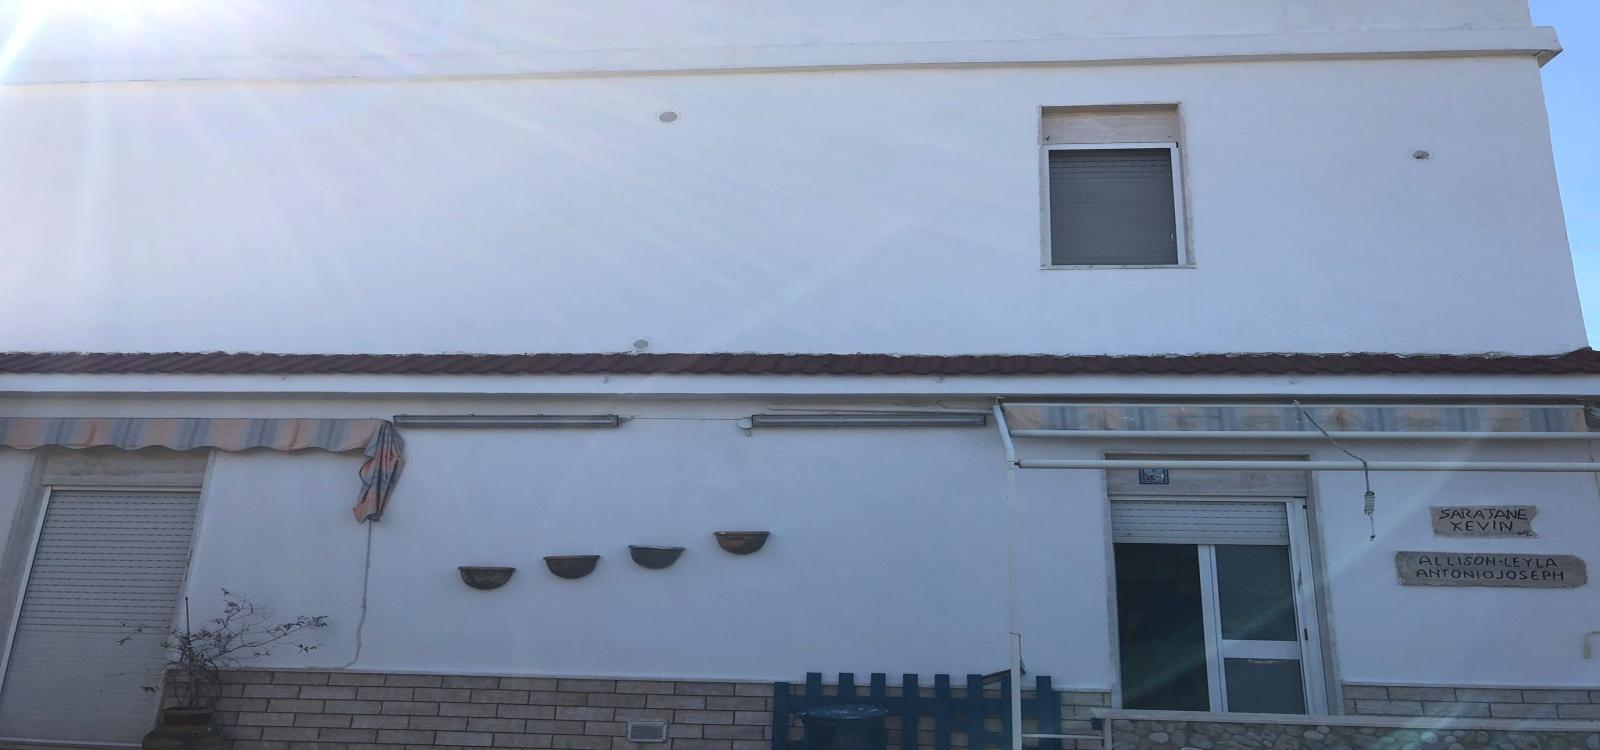 ARENELLA,SIRACUSA,96100,Villa,ARENELLA,2347